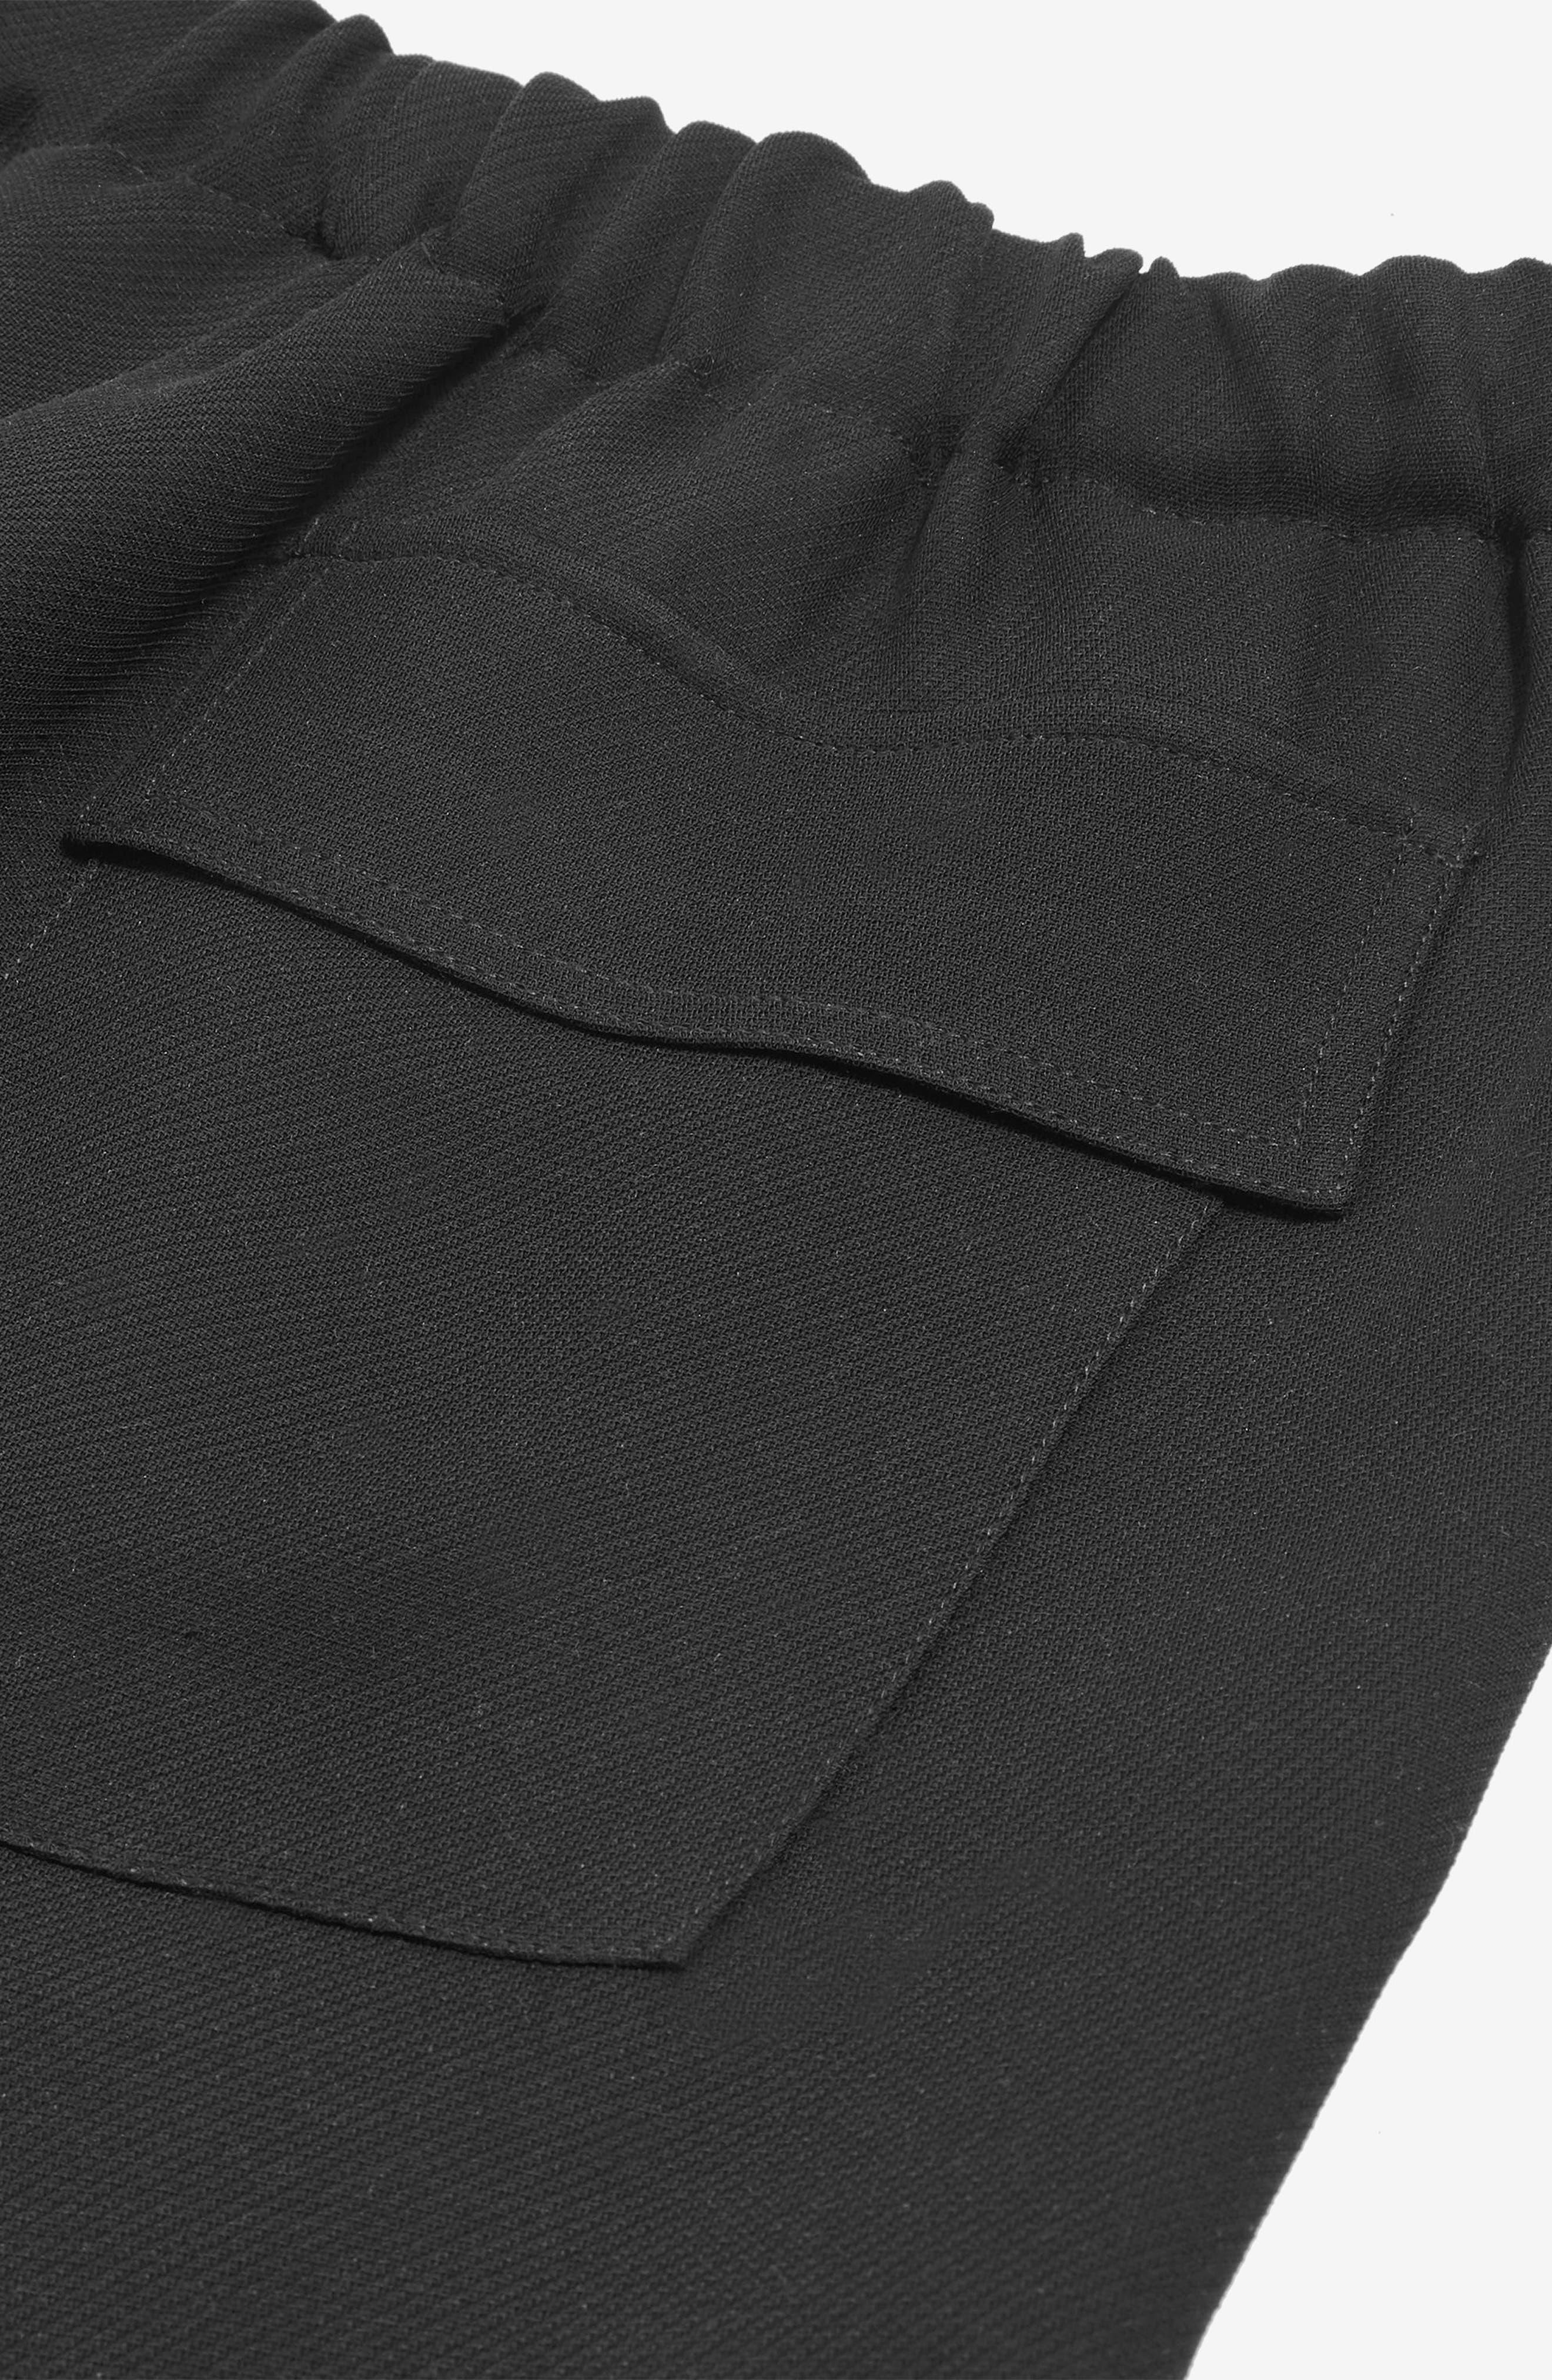 Drawcord Jogger Pants,                             Alternate thumbnail 3, color,                             Black